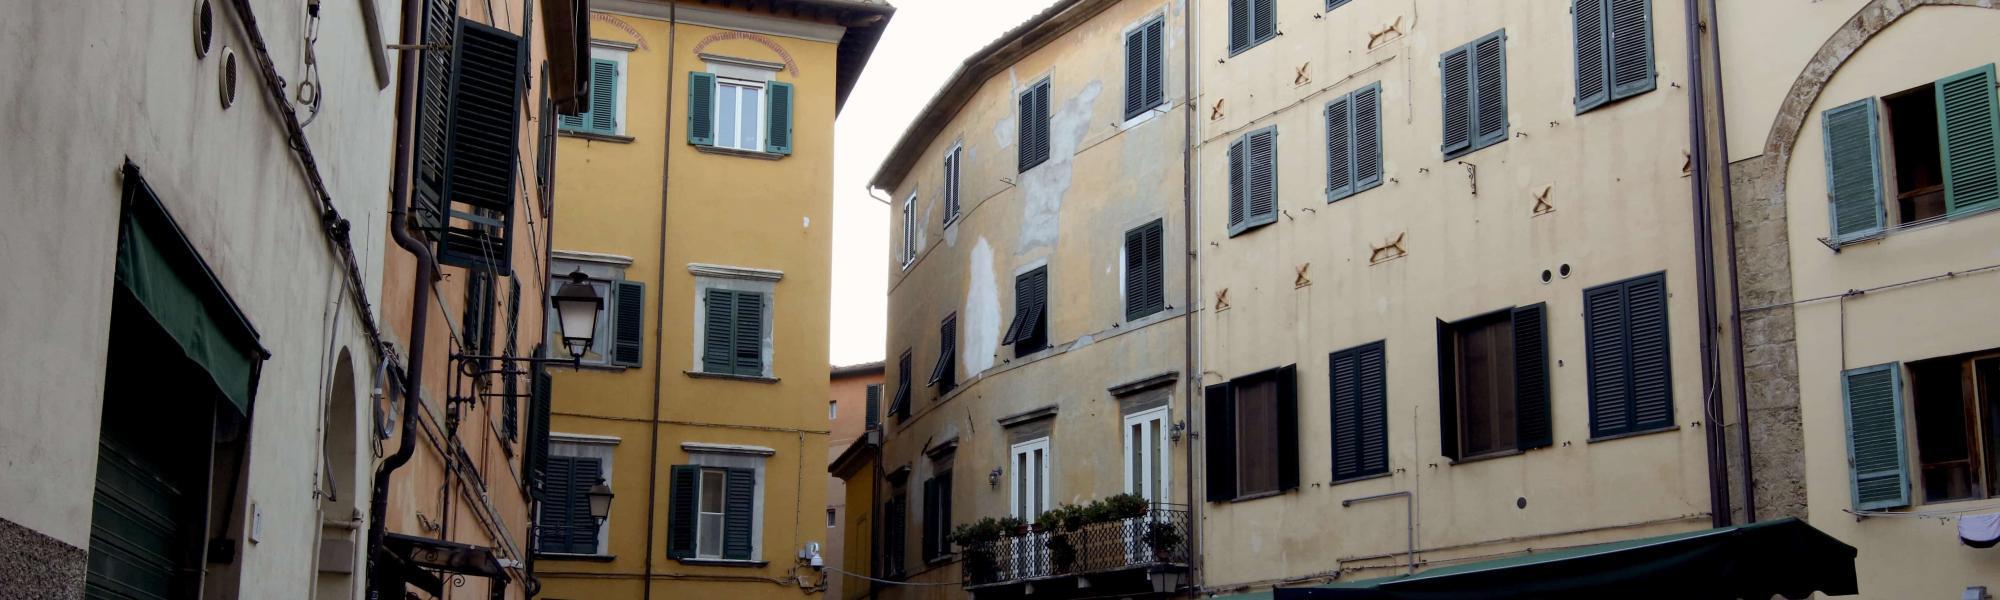 Scorcio Piazza Sant'Omobono (A. Matteucci)